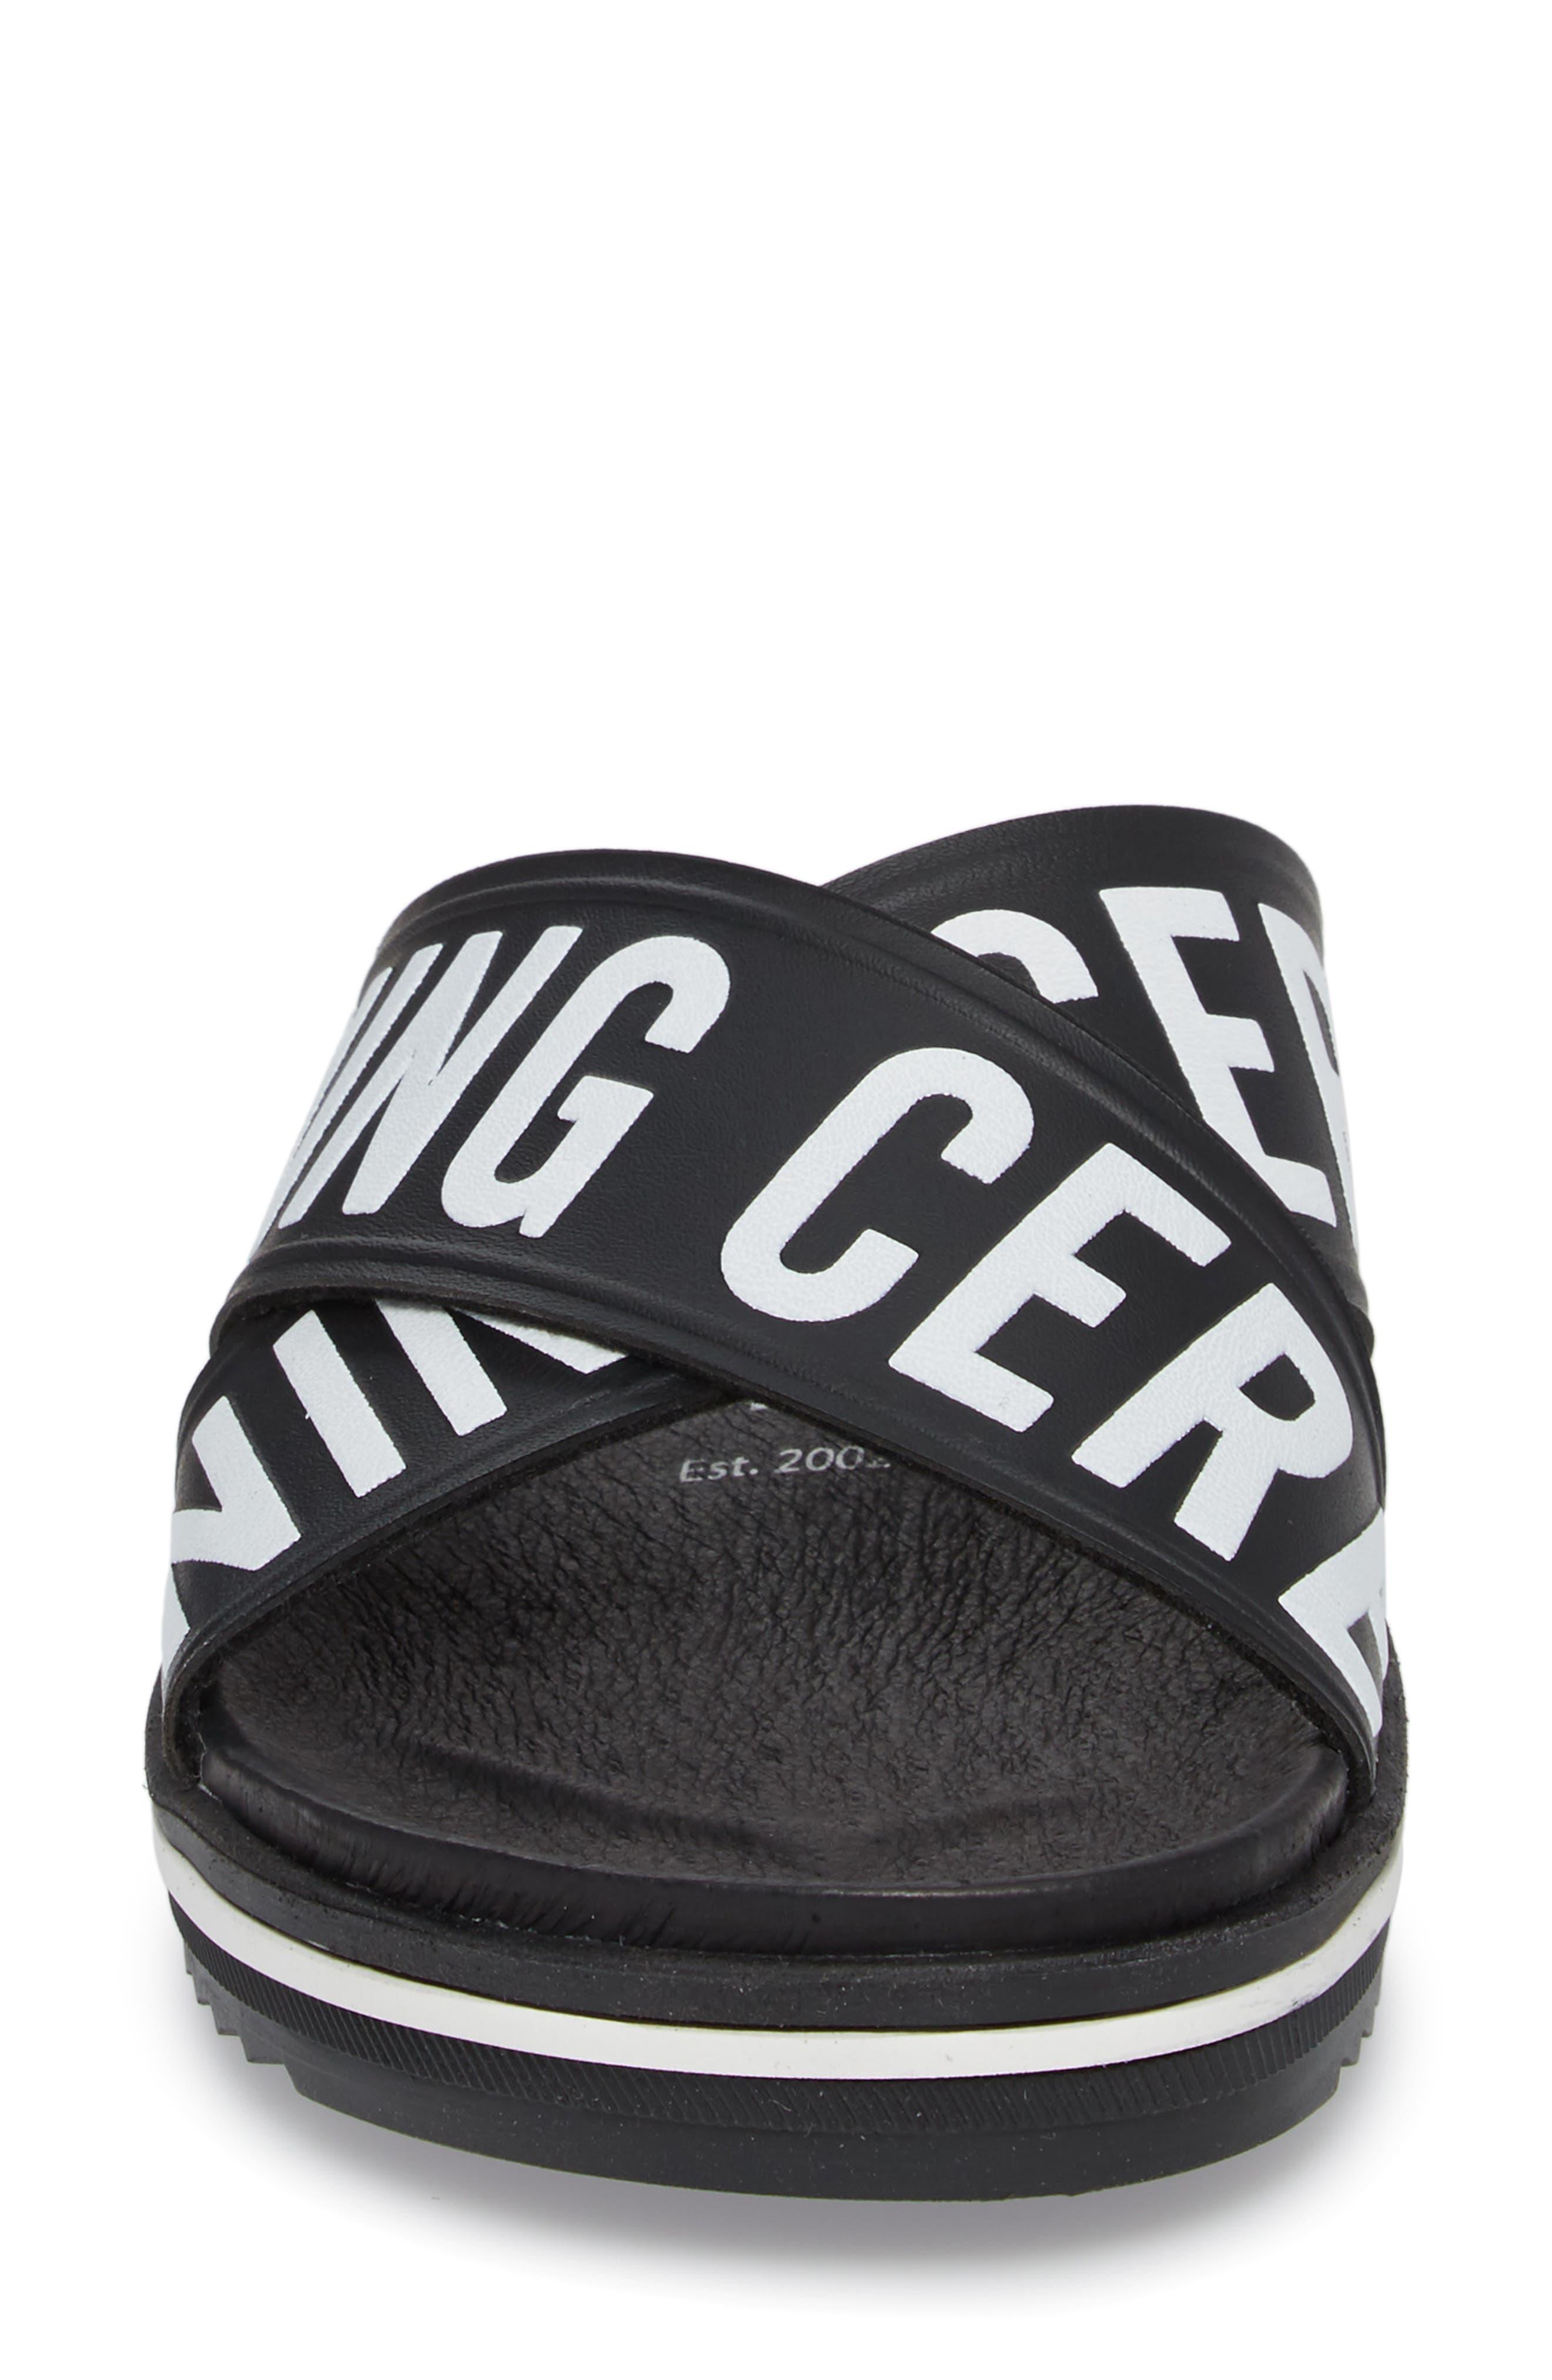 Berkeley Slide Sandal,                             Alternate thumbnail 4, color,                             Black Multi